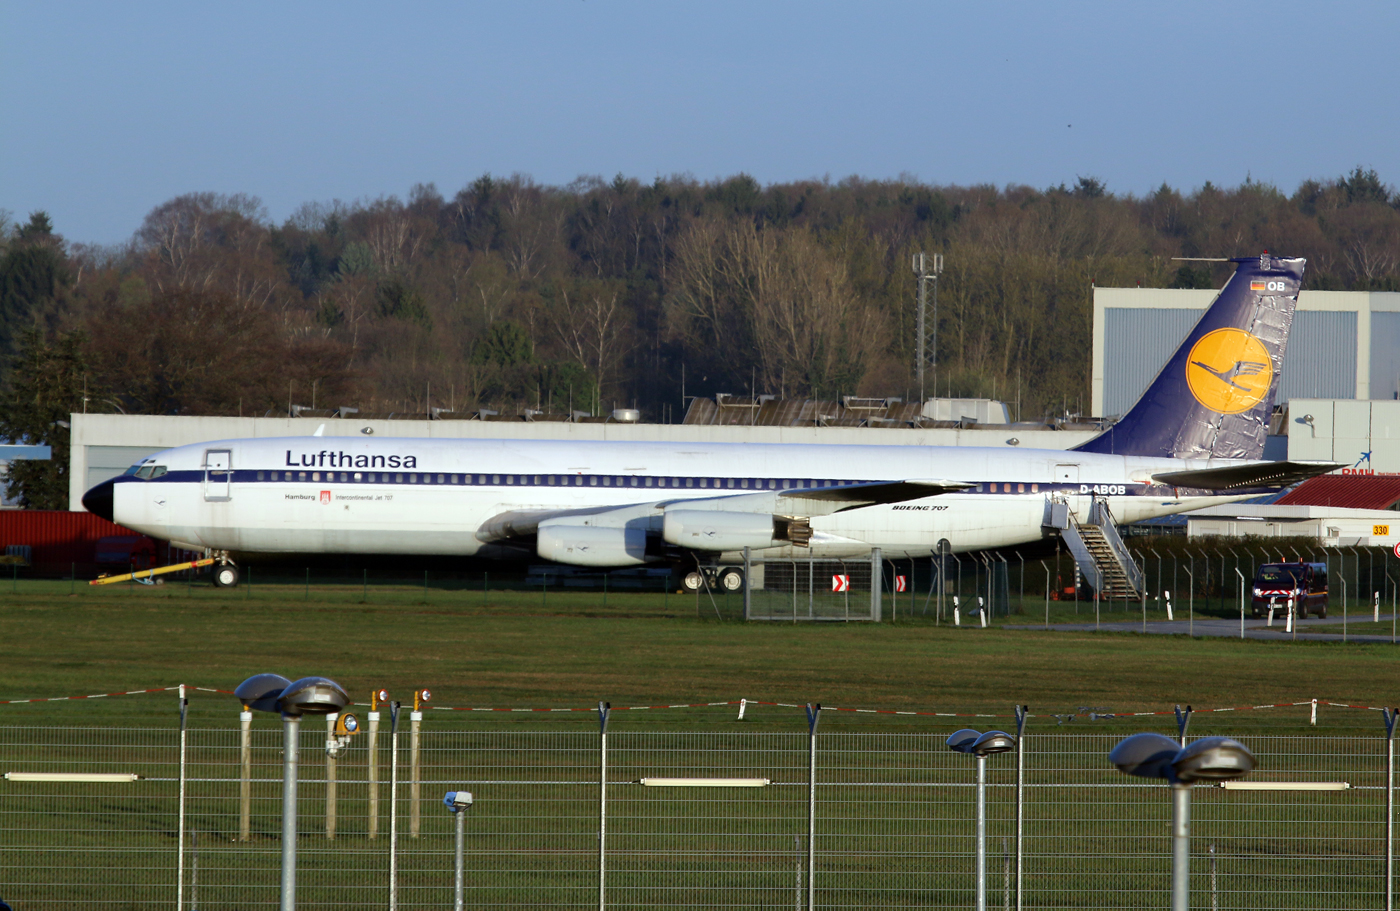 D-ABOD fra Lufthansa er et af de Boeing 707-fly, der skal på auktion. Foto: wiltshirespotter, CC 2.0